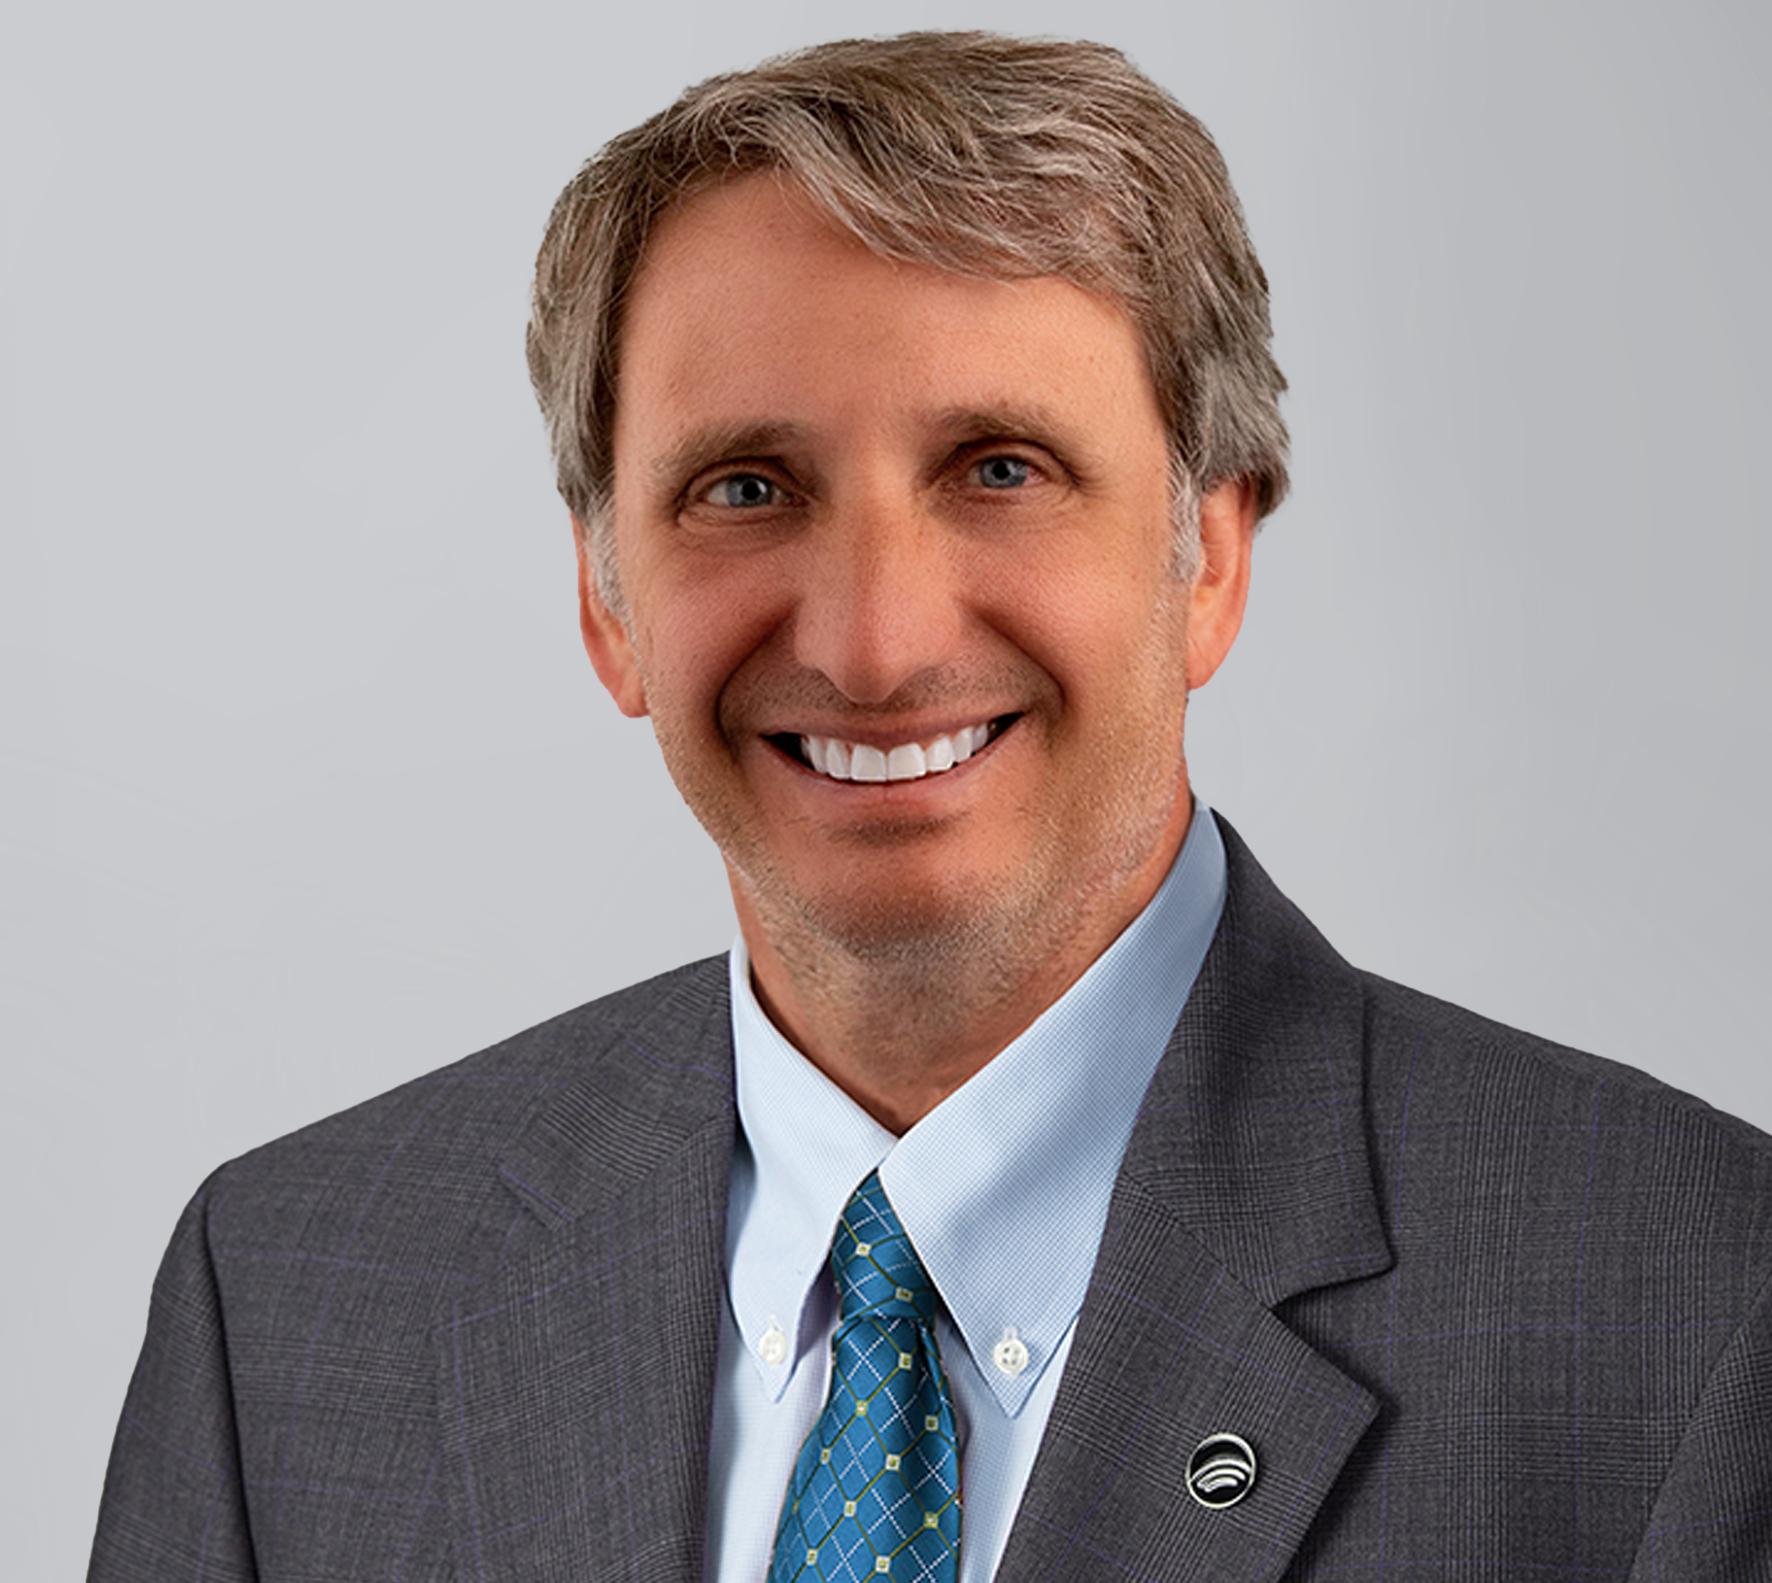 Mark Mercuri, Senior Vice President and Commercial Lender